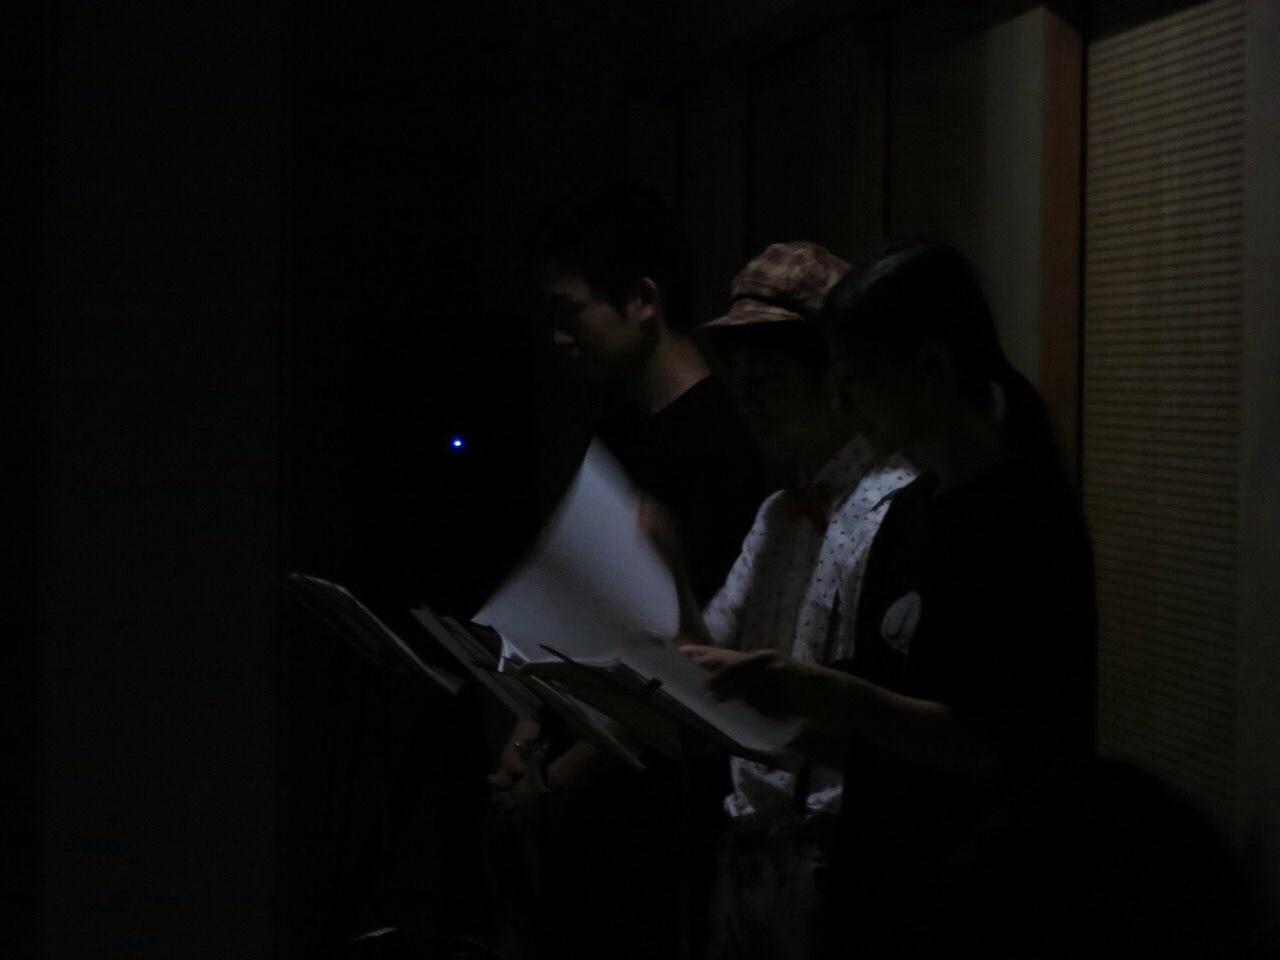 幻燈【2年4番♂】_b0134715_14300927.jpg